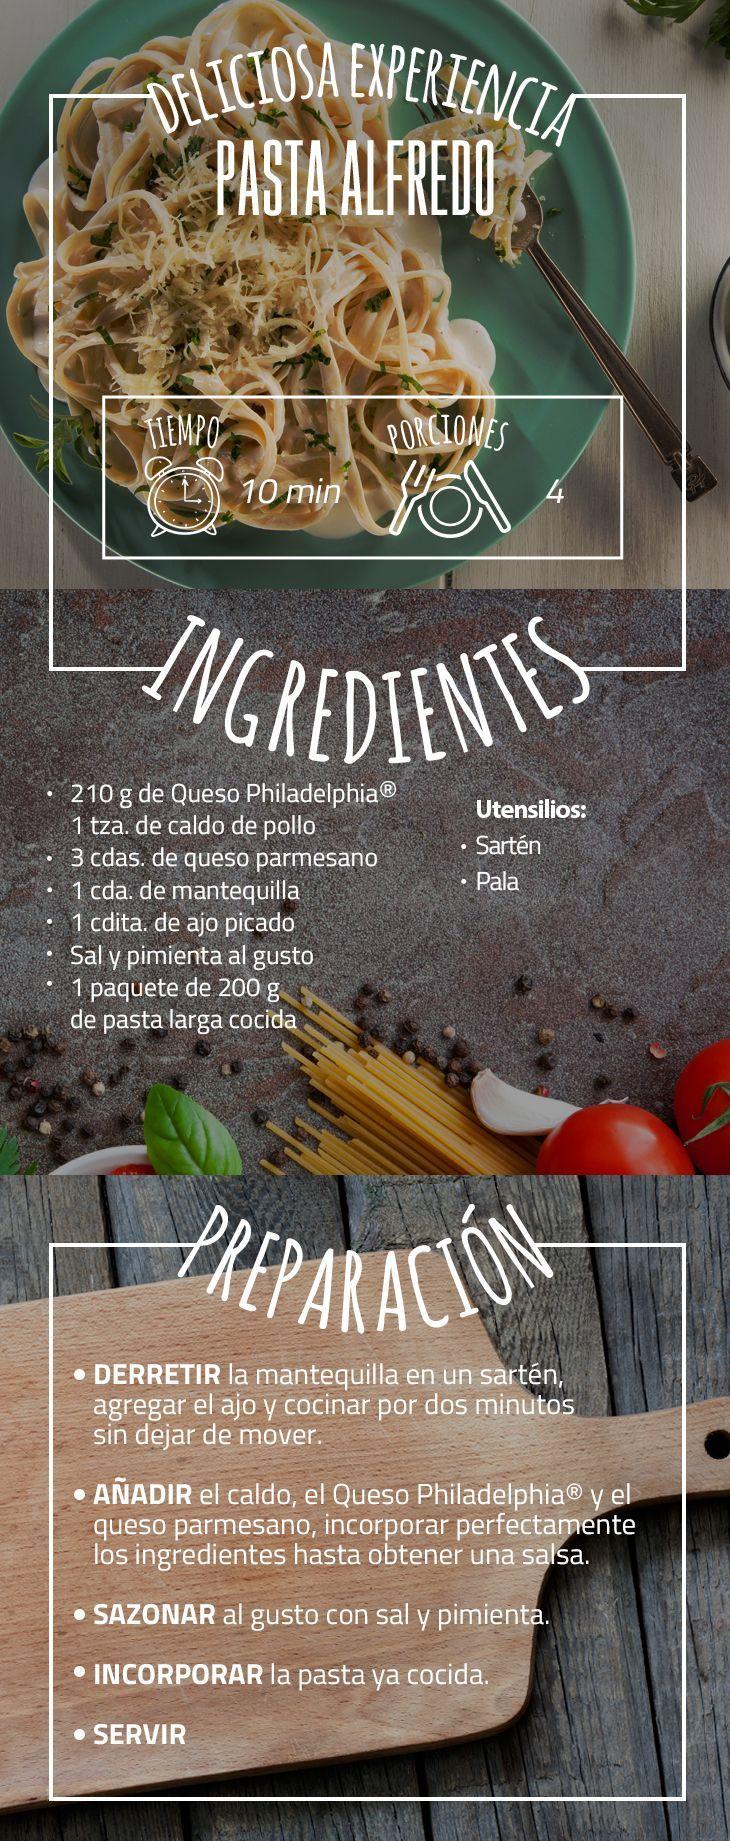 #VuelveACasa Y dale un giro a la Pasta Alfredo con el sabor de Philadelphia. #recetas